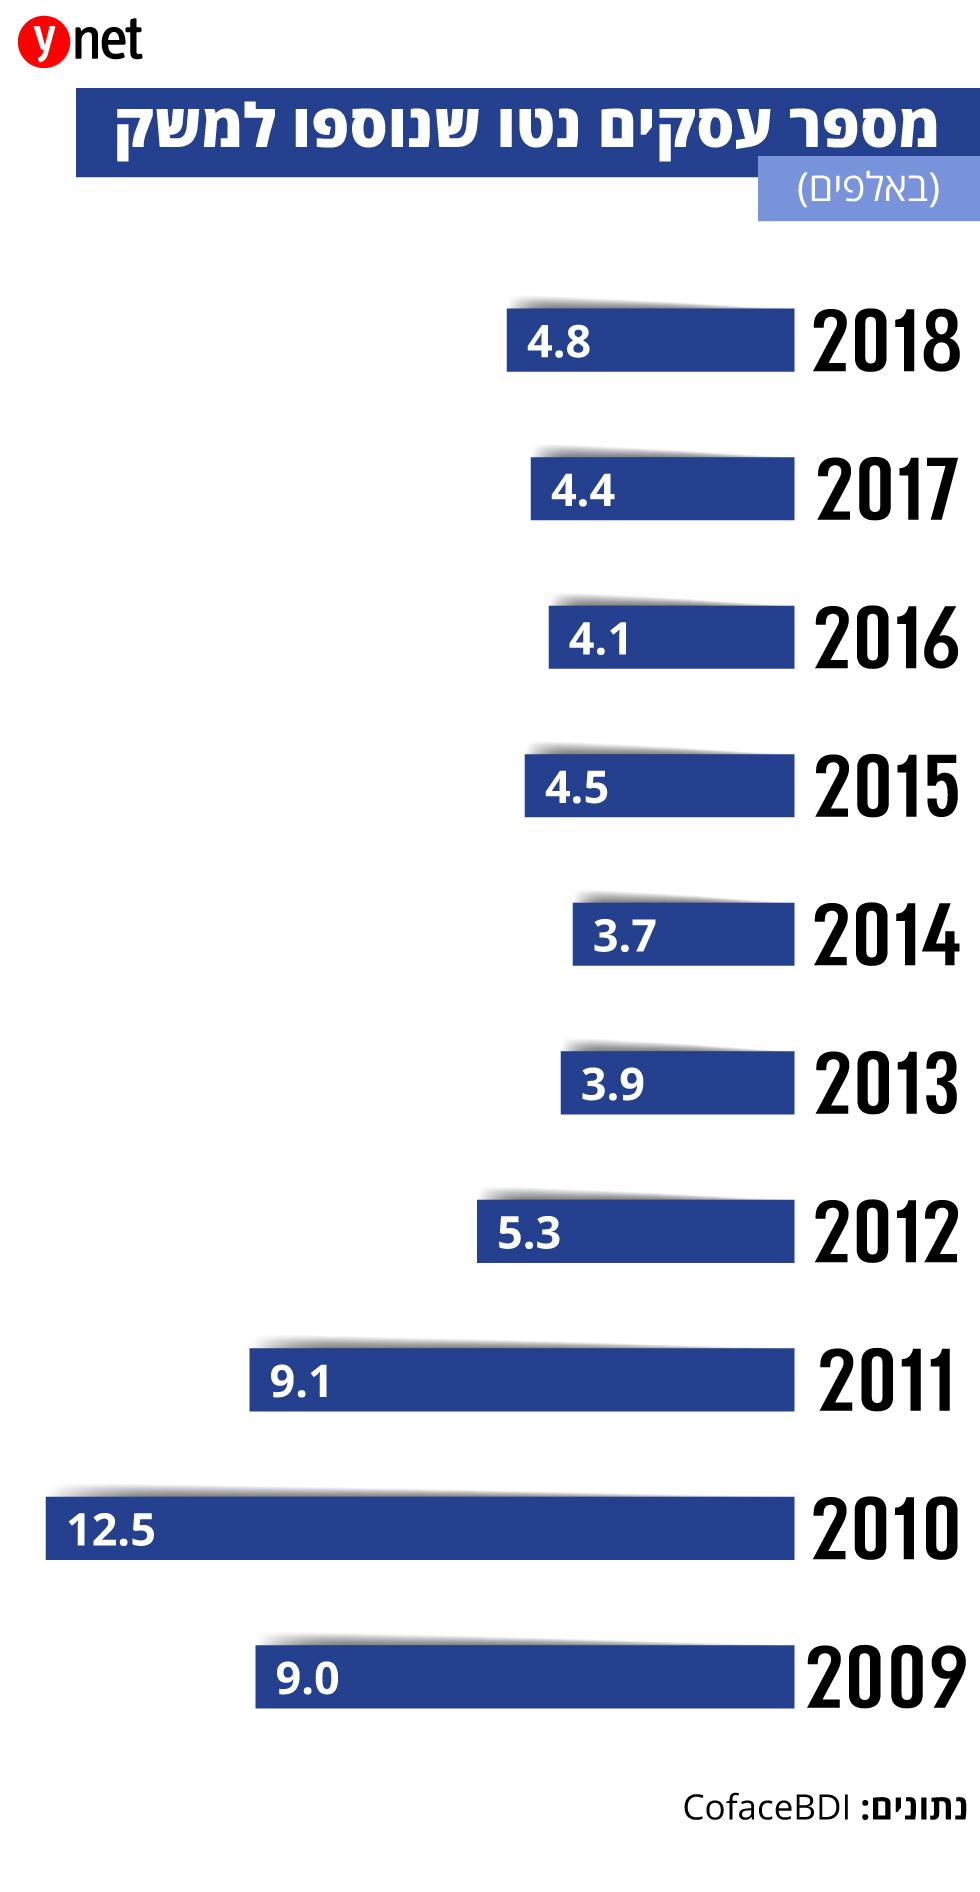 אינפו כלכלה עסקים שנסגרו בשנת 2018 ()